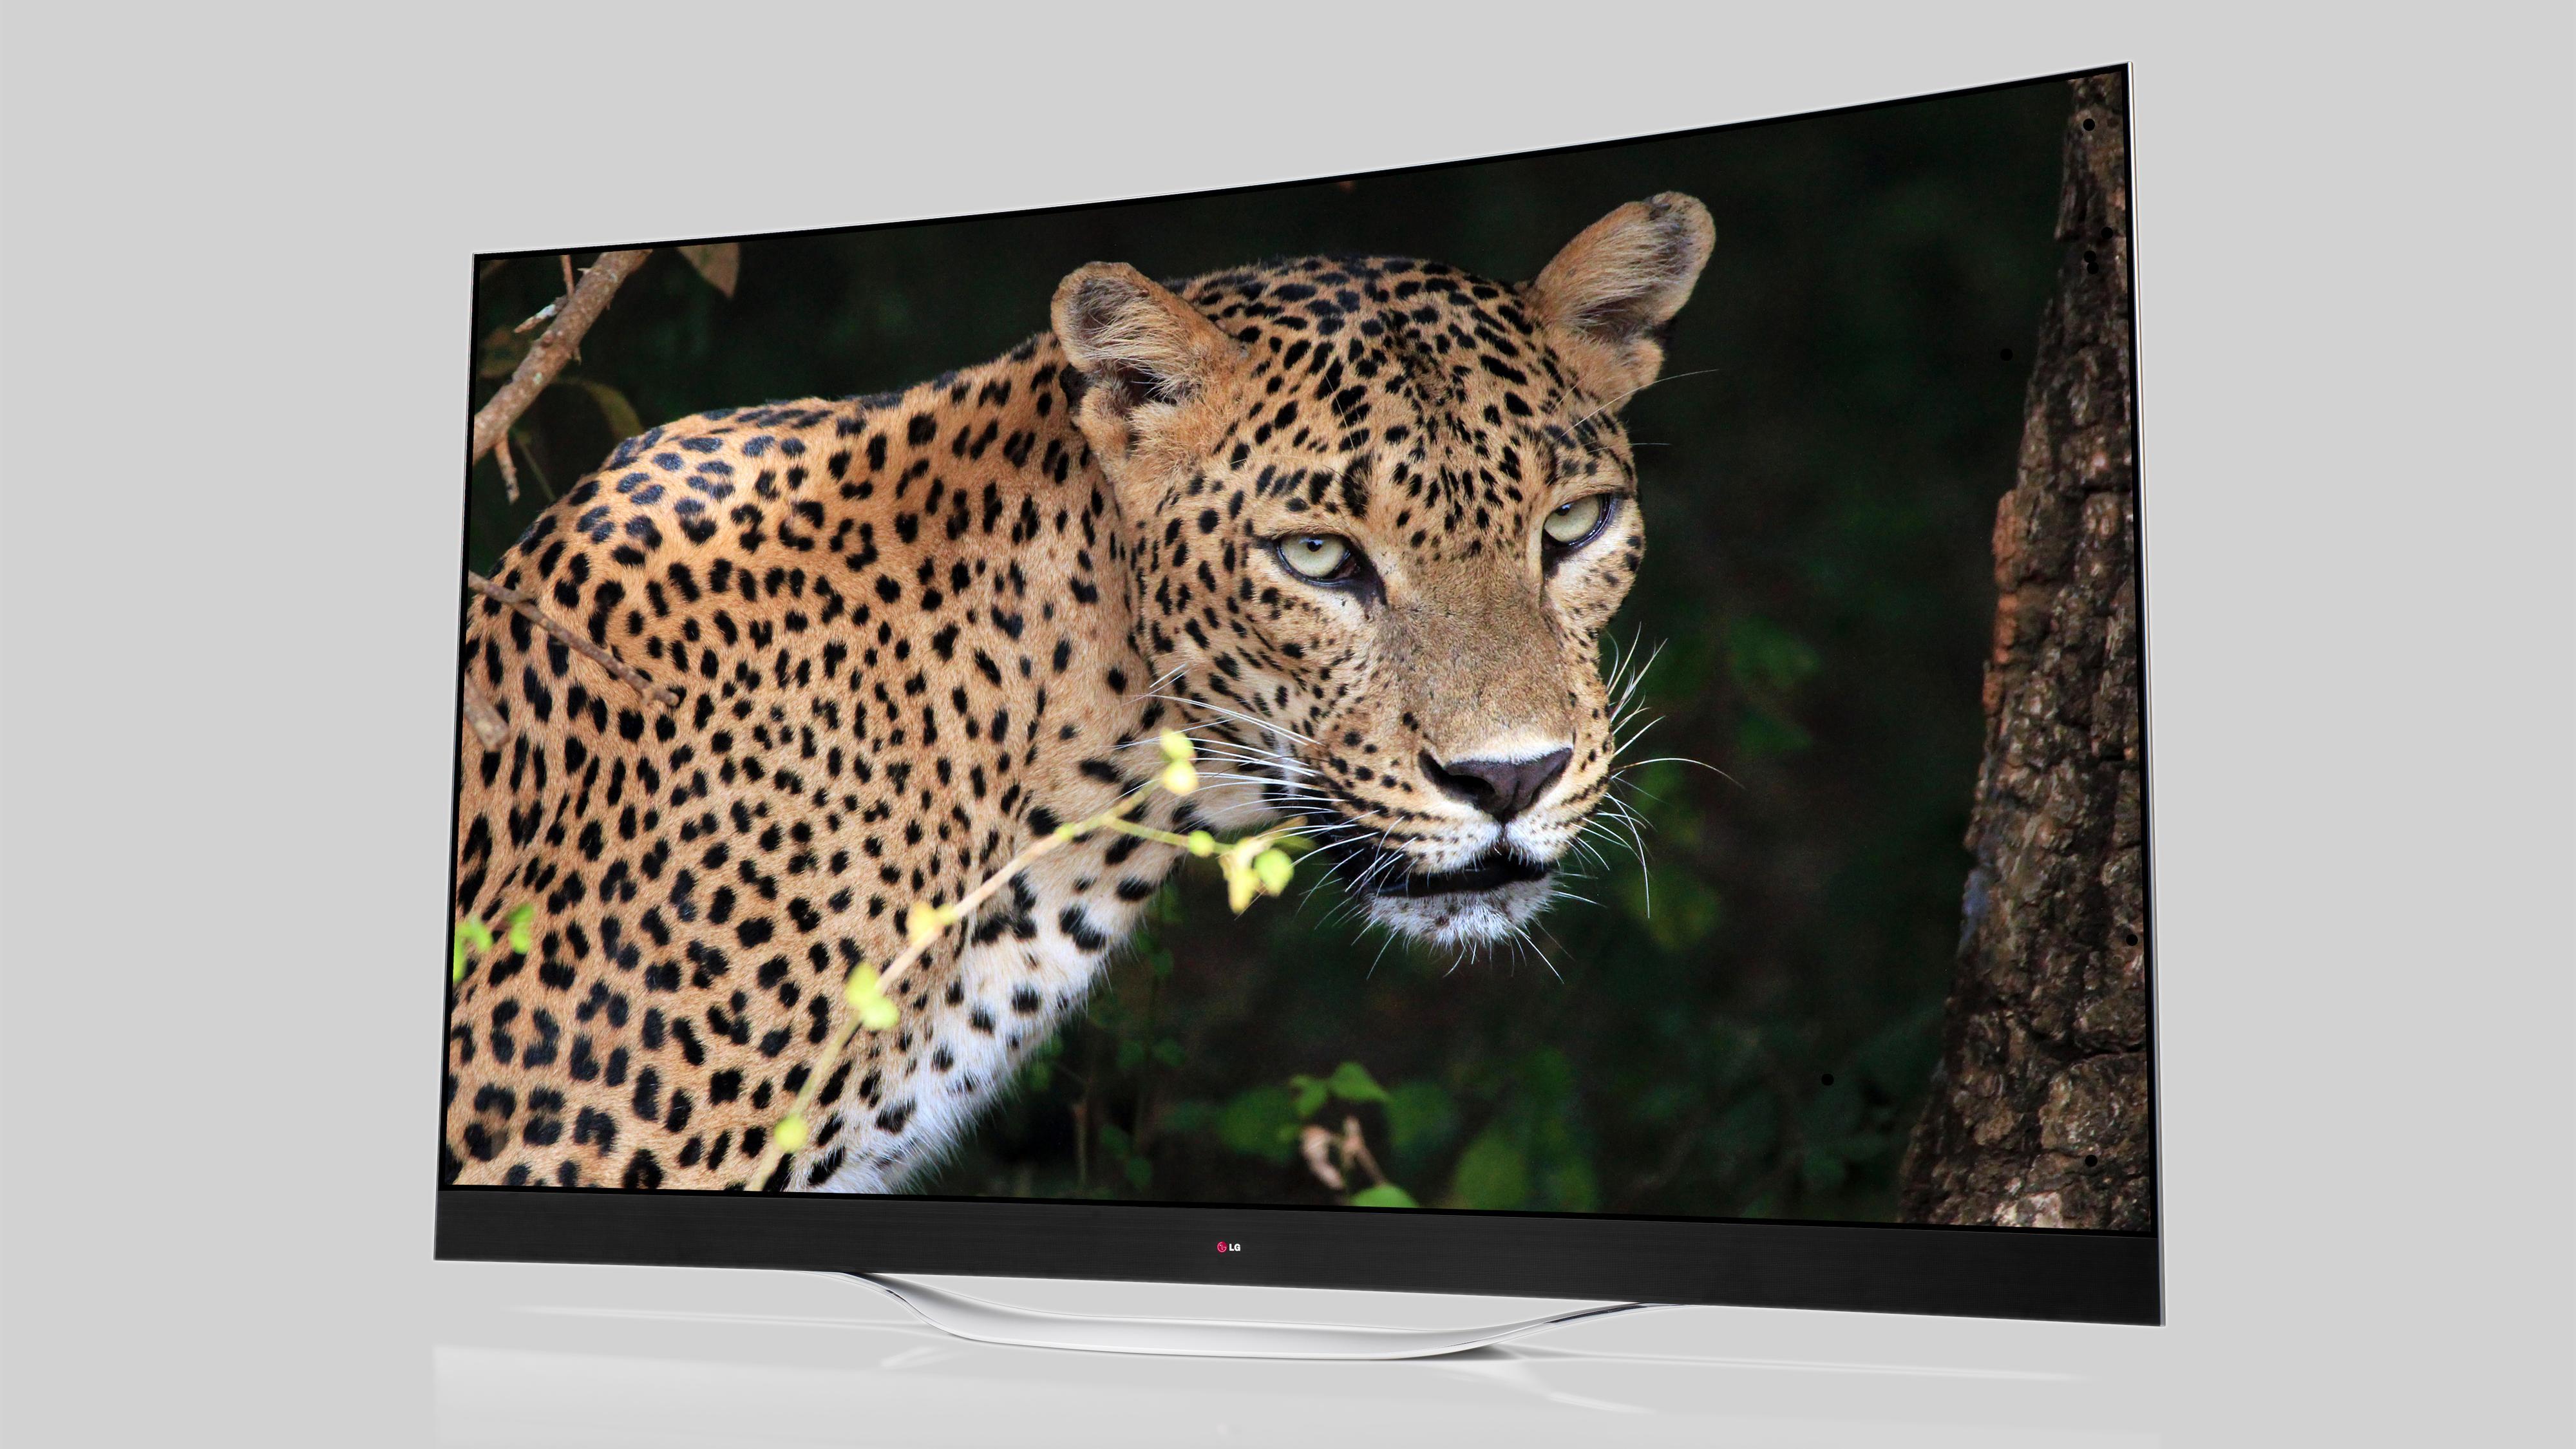 Bringer fremtidens TV til forbrukermarkedet